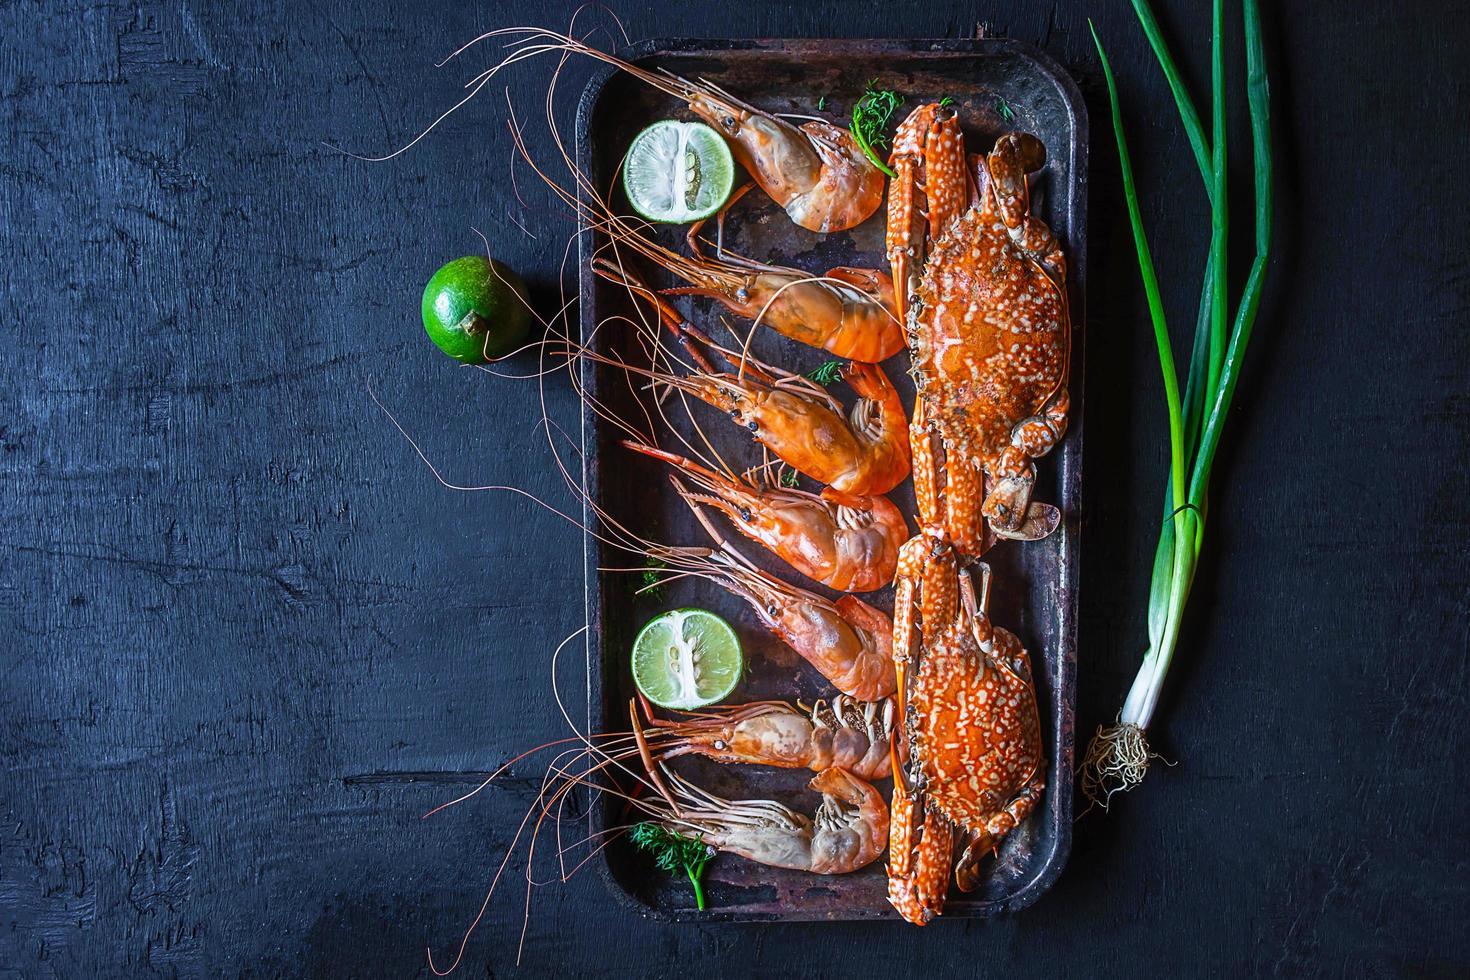 crevettes et crabe dans un bac photo